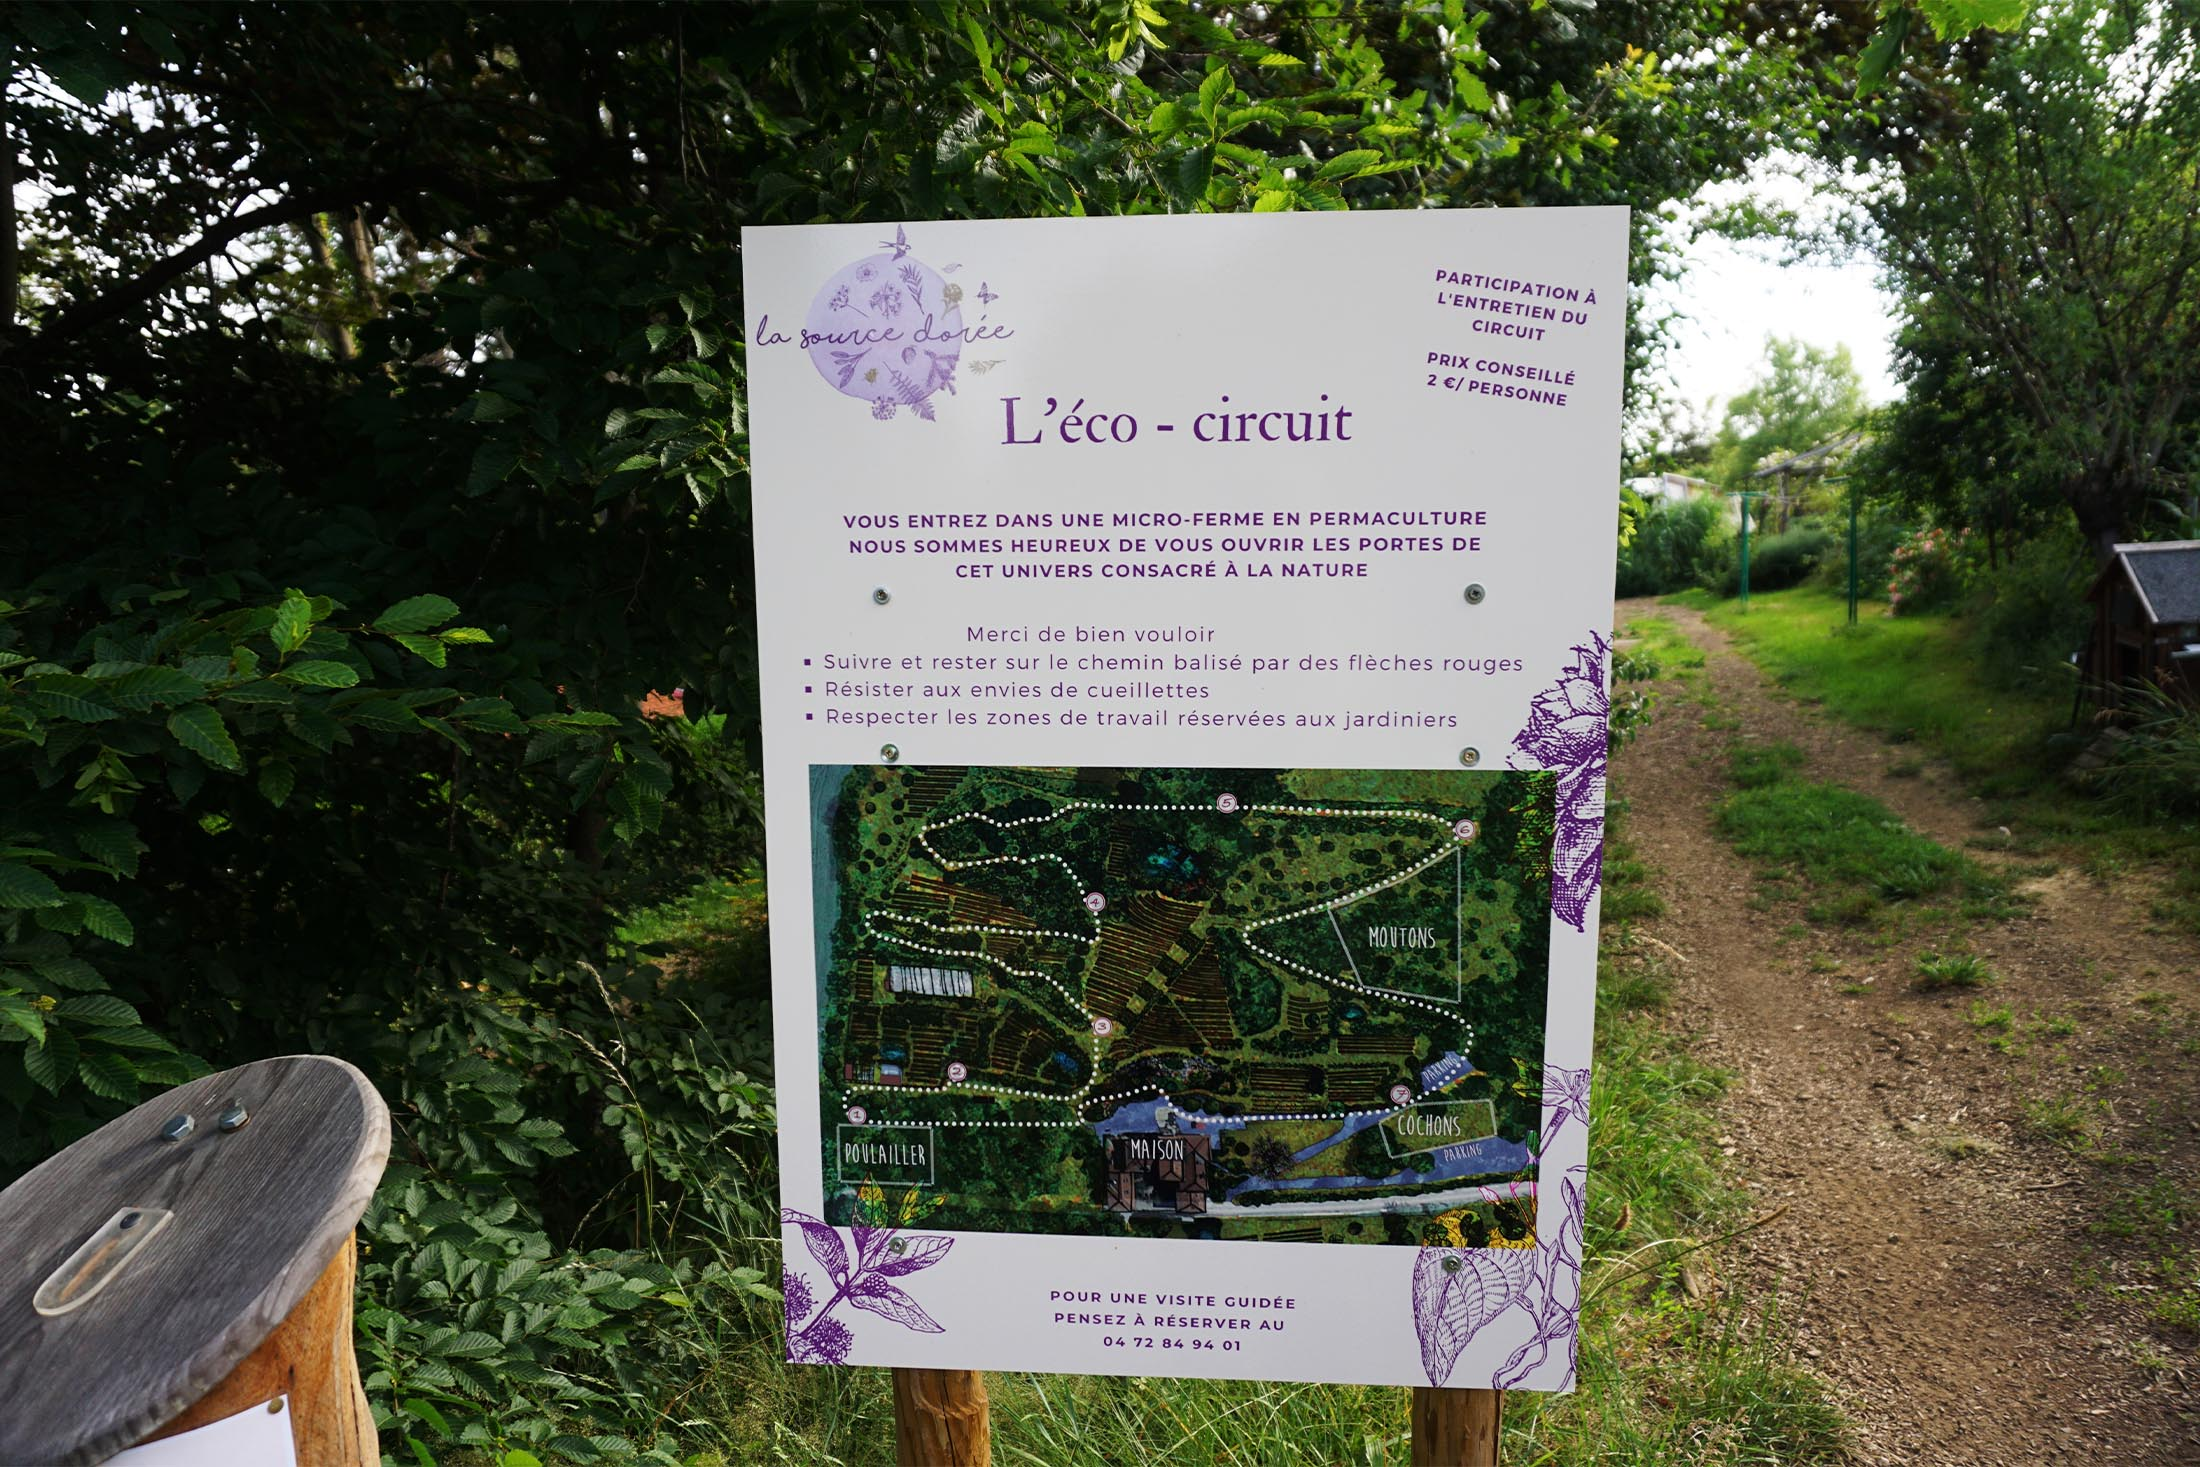 Eco-circuit permaculture à la Source Dorée